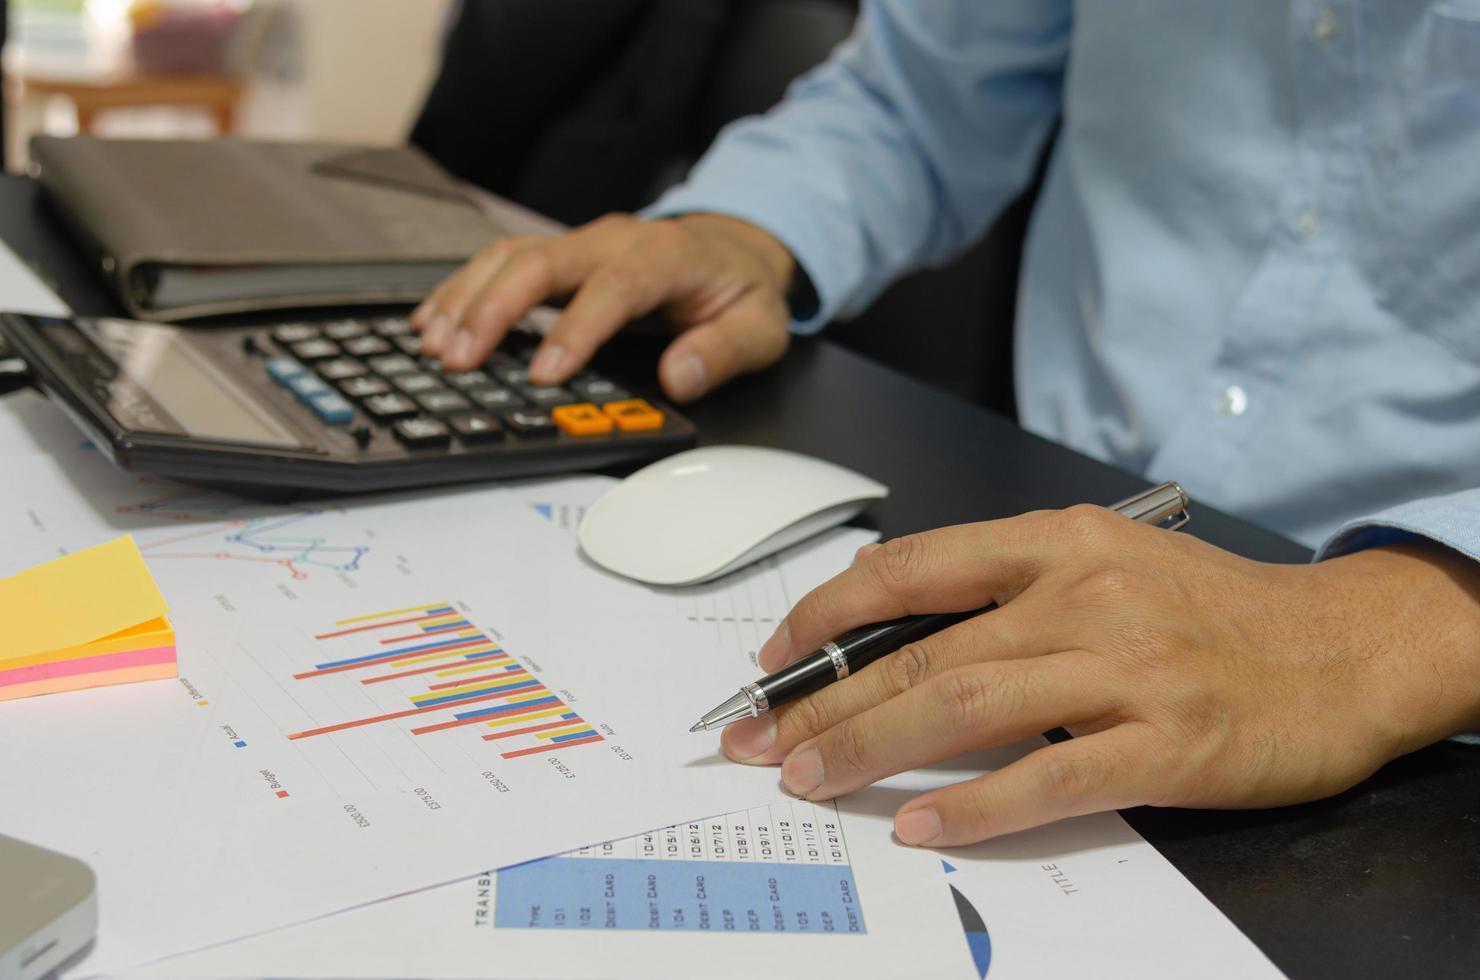 homme d'affaires tenant un stylo, financier, fiscal, documents marketing photo